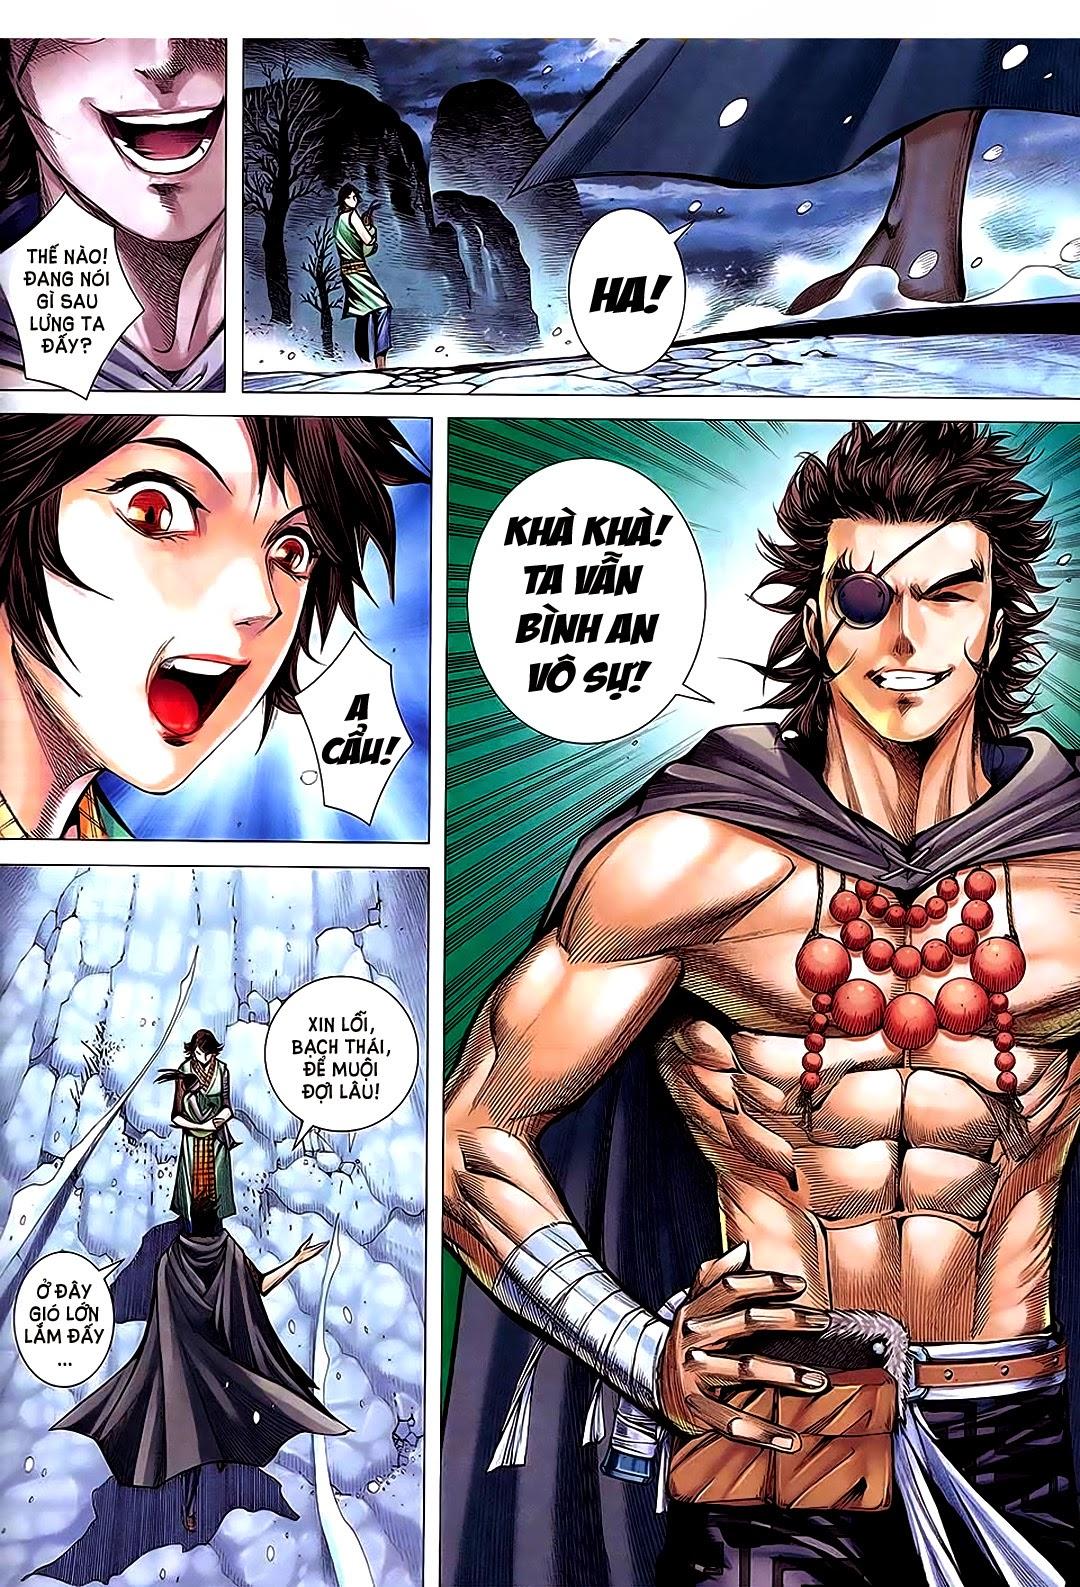 Phong Thần Ký chap 182 – End Trang 20 - Mangak.info